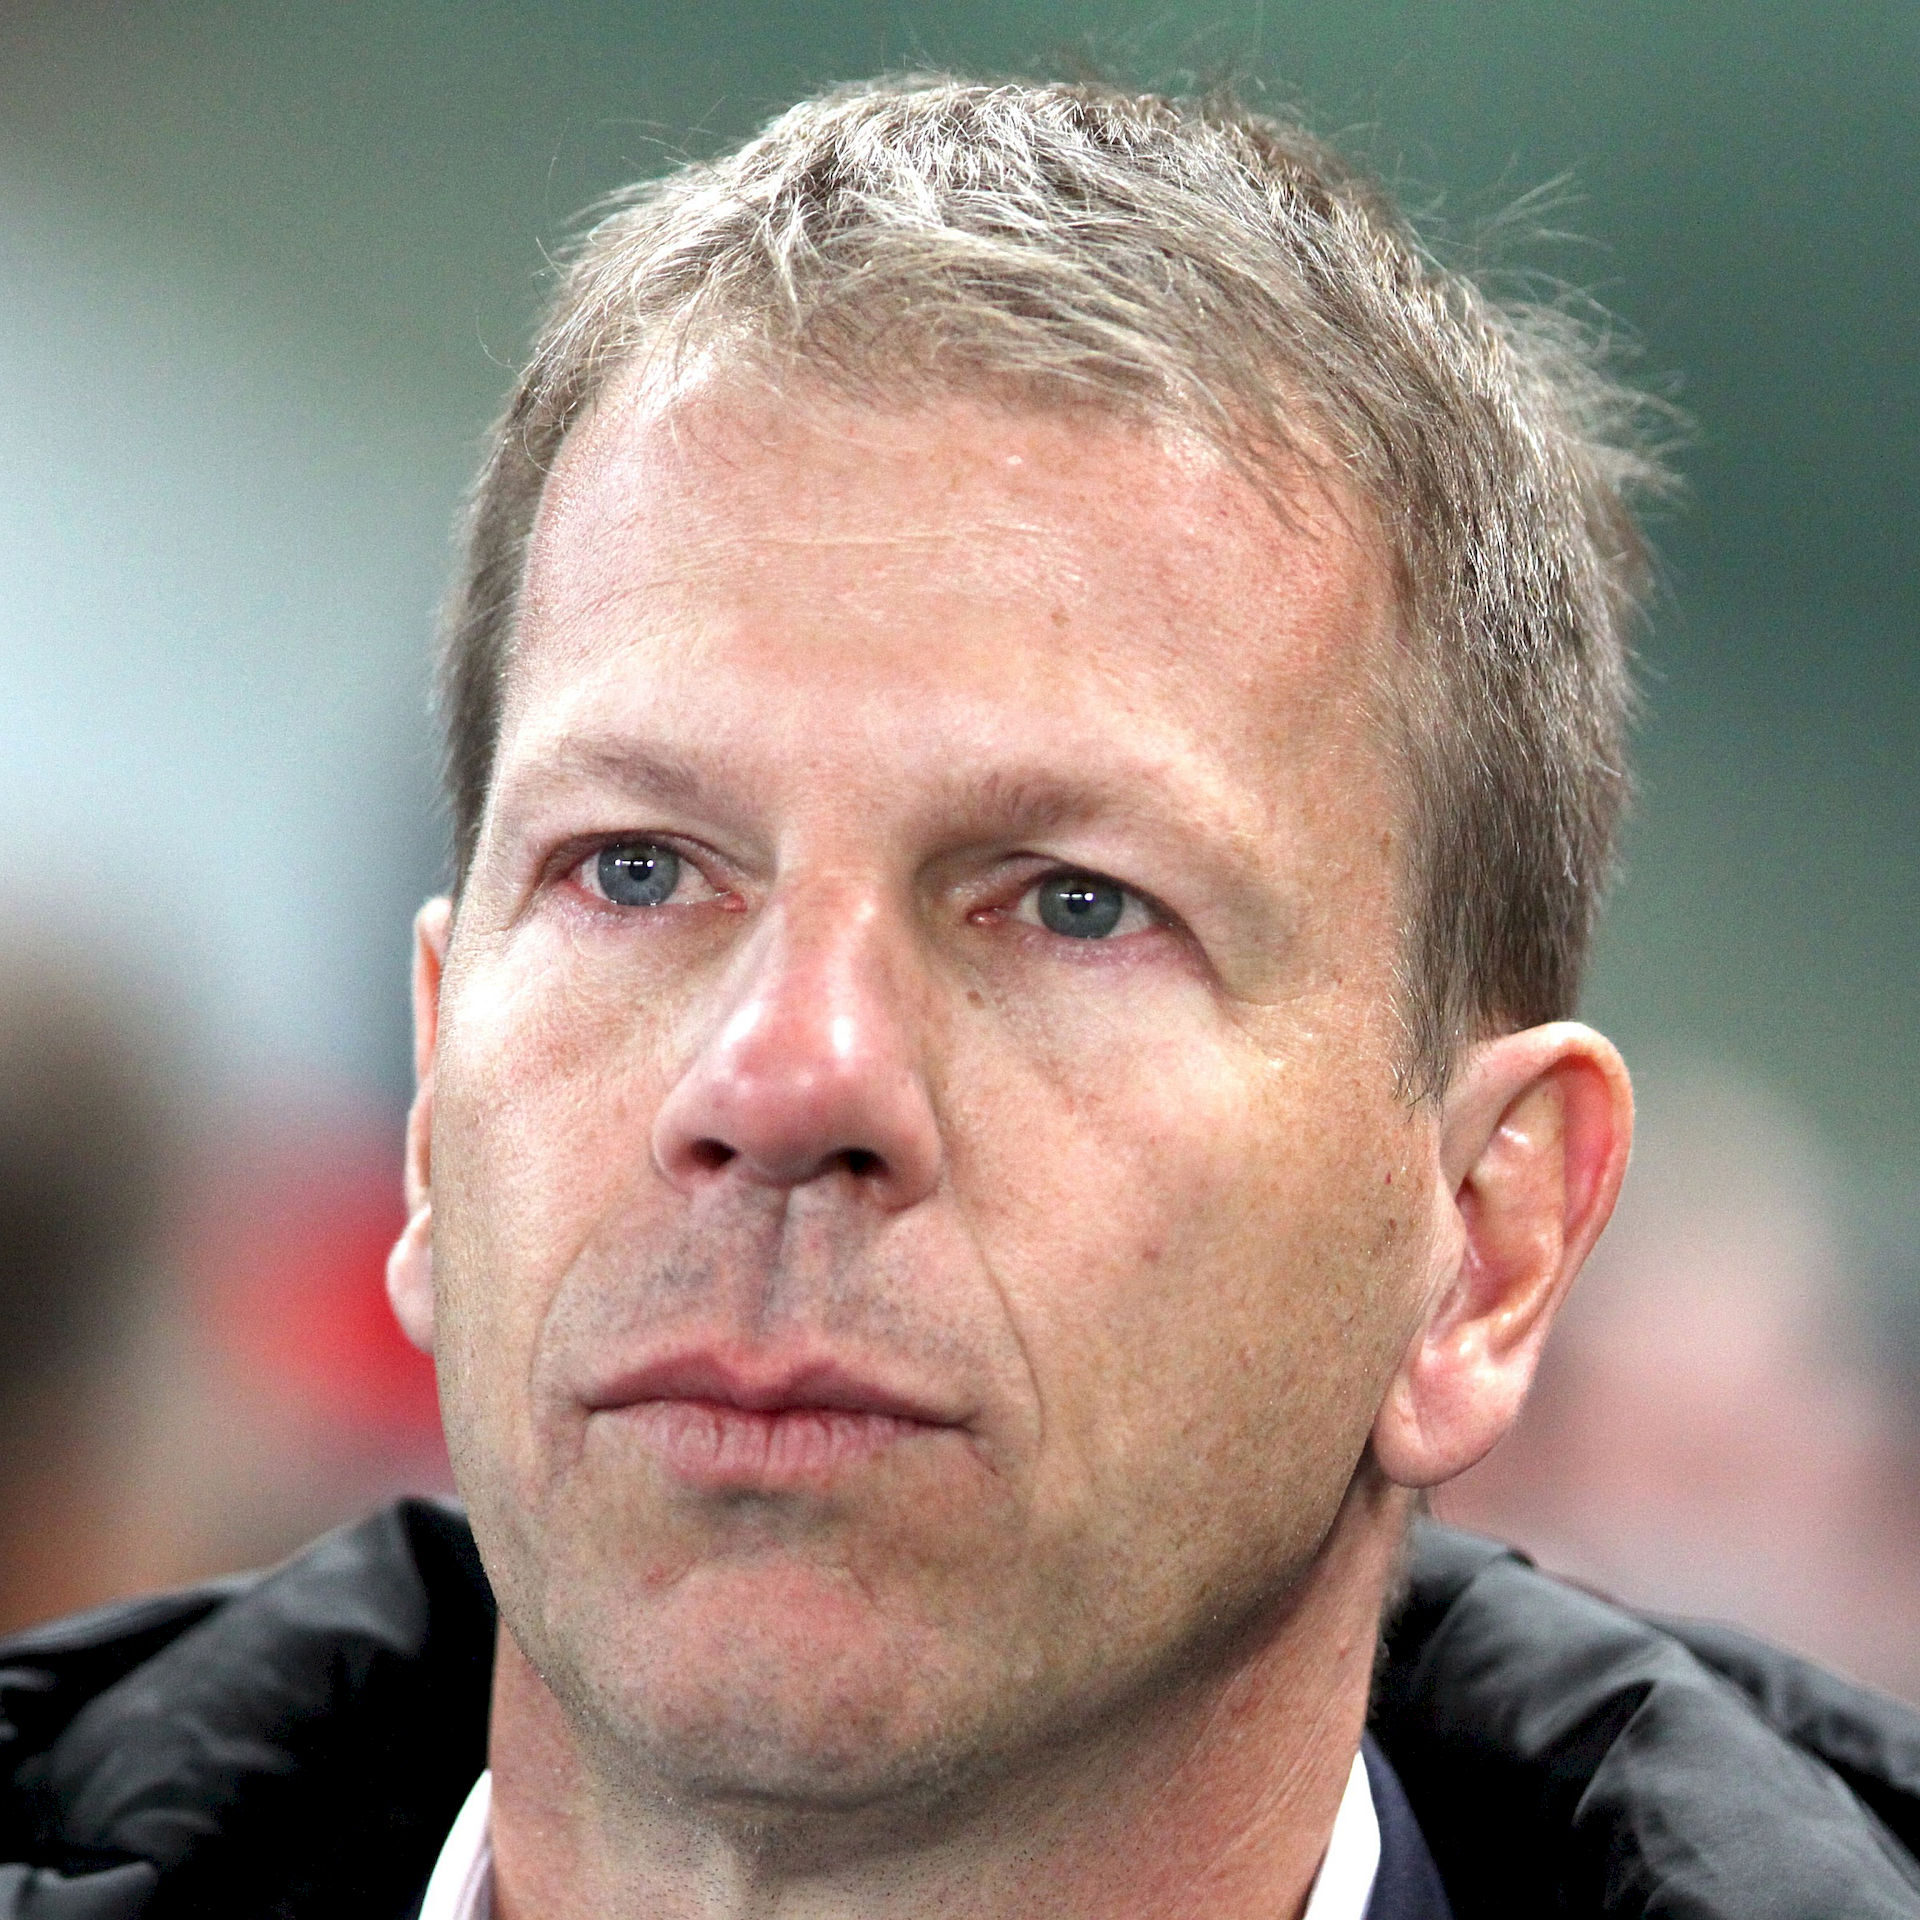 Photo of Rene Pauritsch: Austrian soccer player